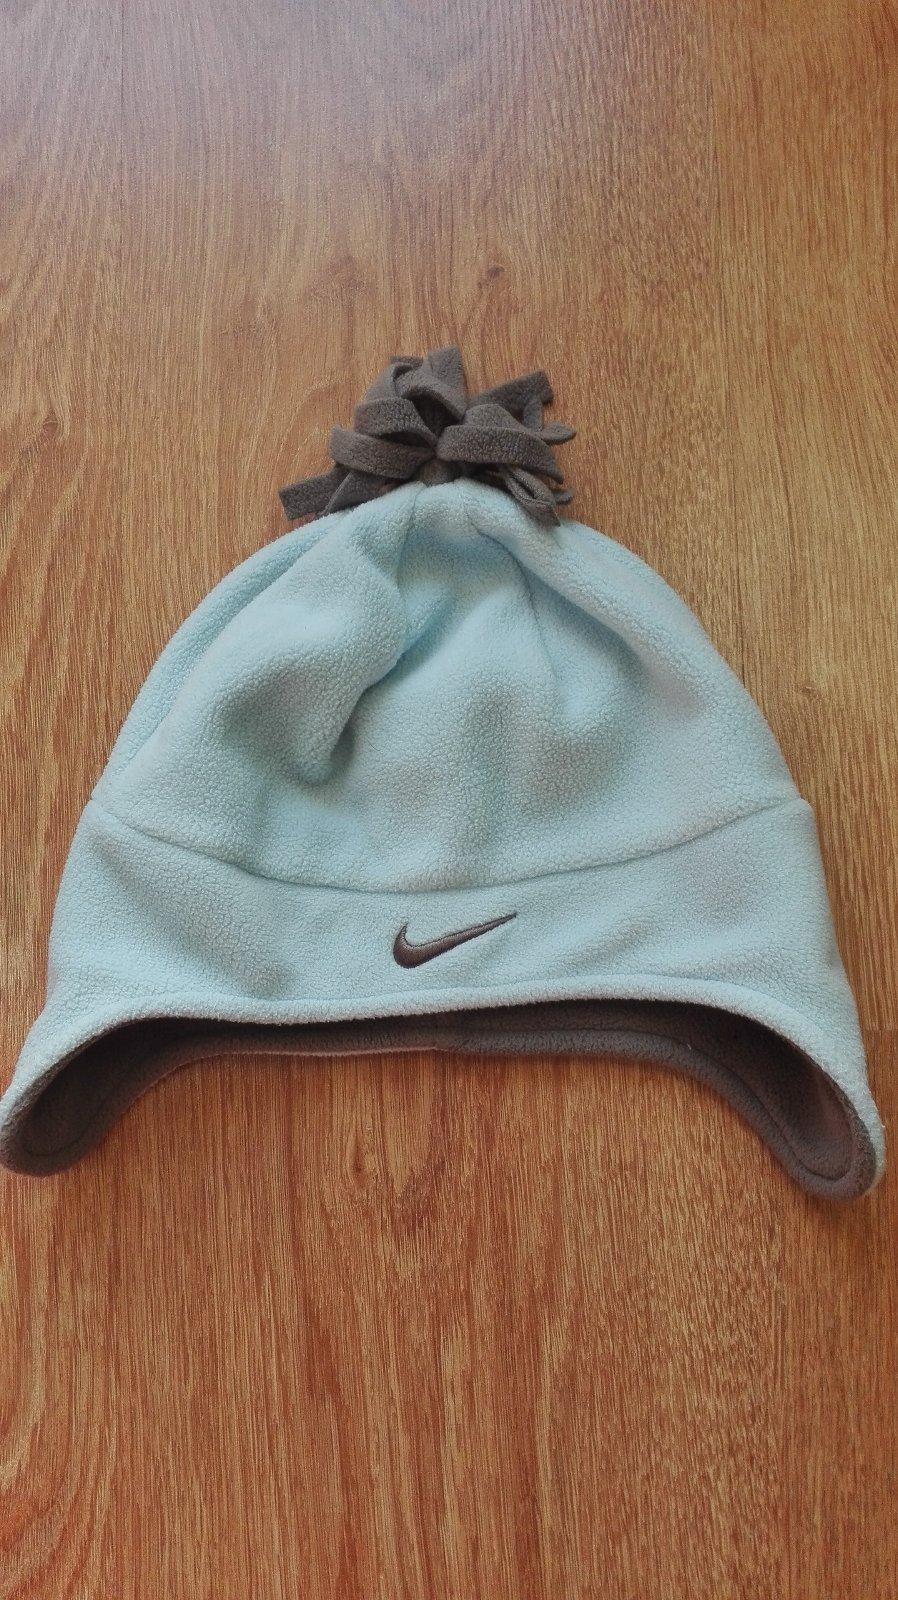 a41361a22 Flisová čiapka nike, nike,116 - 2,90 € od predávajúcej alexiatko | Detský  bazár | ModryKonik.sk